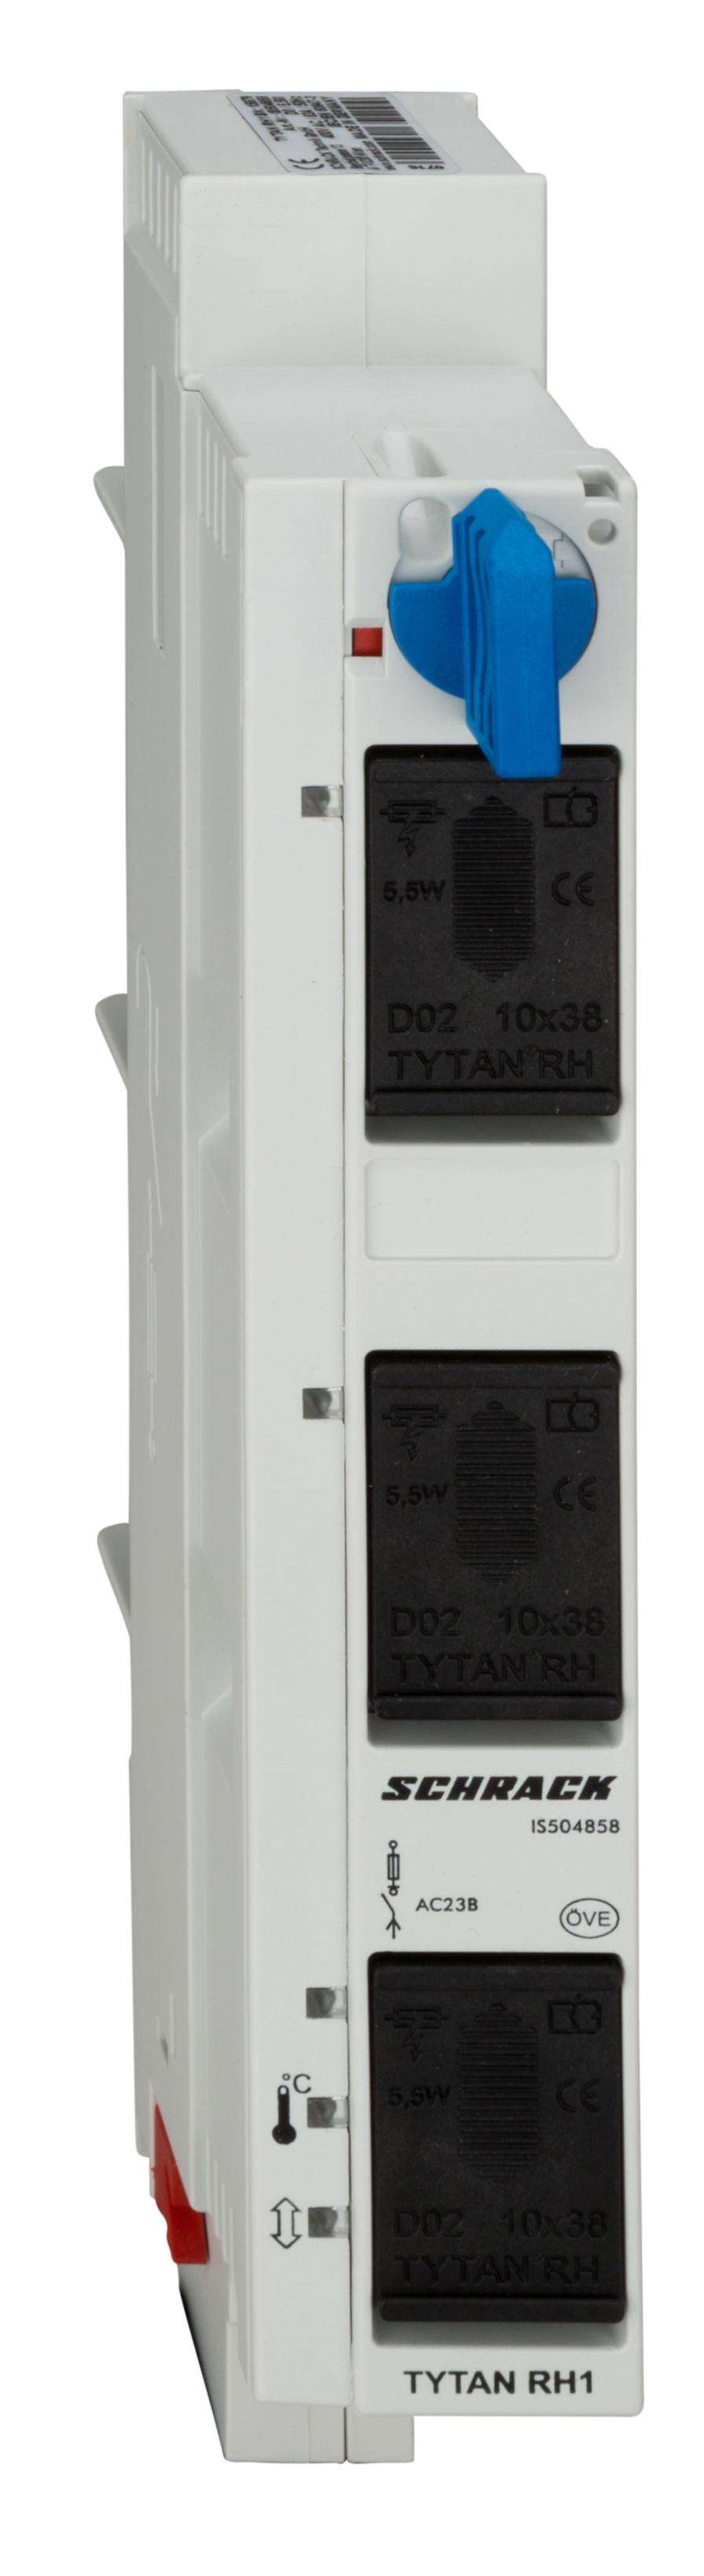 1 Stk TYTAN RH1-Hauptschutz Lasttrennschalter D02 mit Überwachung IS504858--